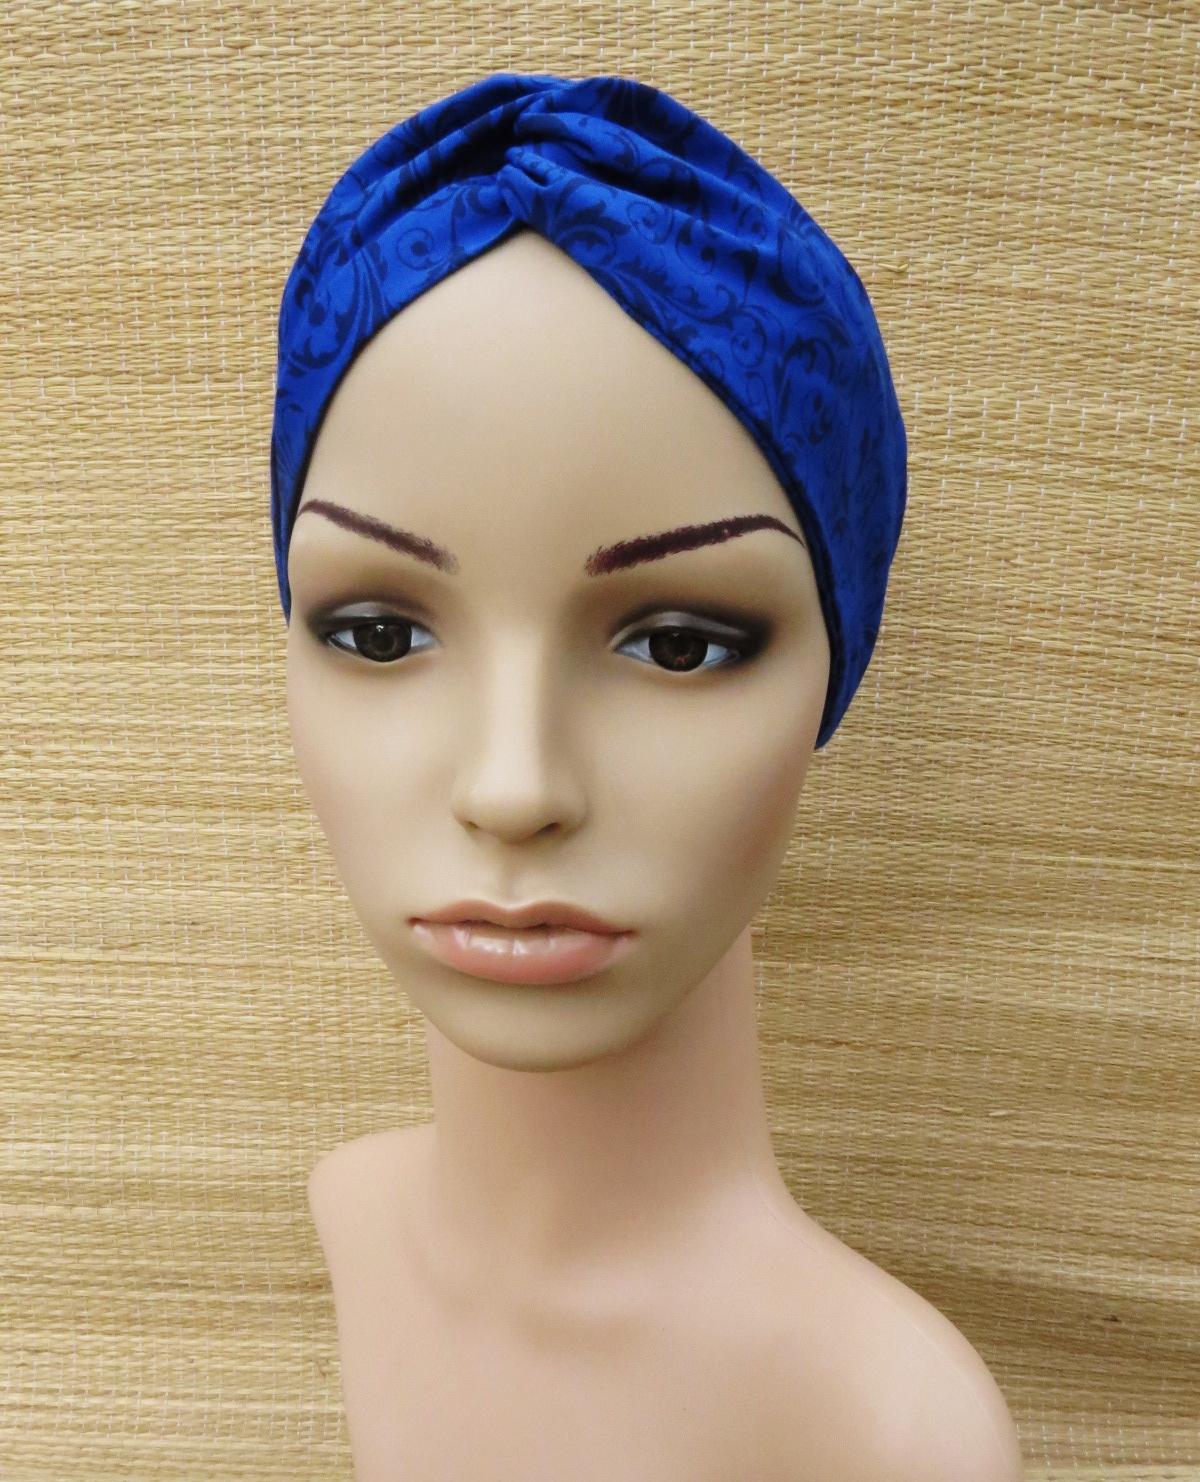 Faixa Turbante  Azul Caneta e Arabescos no Elo7  71071a8b0da